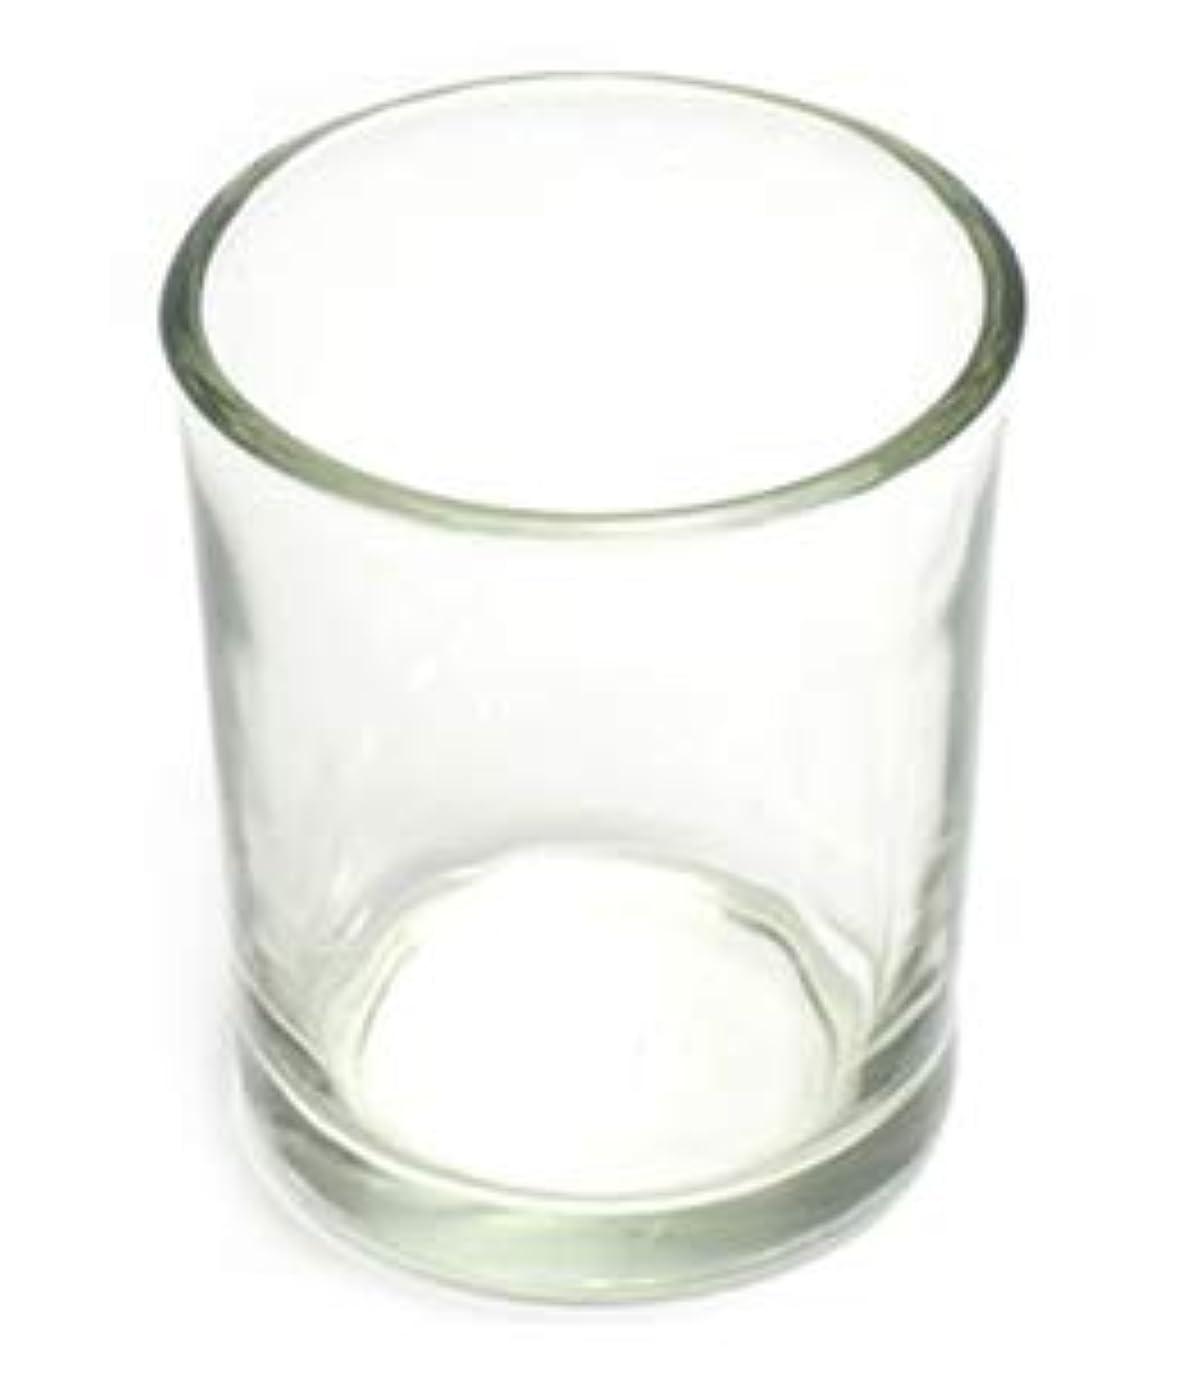 しみ力栄光のキャンドルホルダー ガラス シンプル[小] 1個 キャンドルスタンド 透明 クリア おしゃれ ろうそく立て